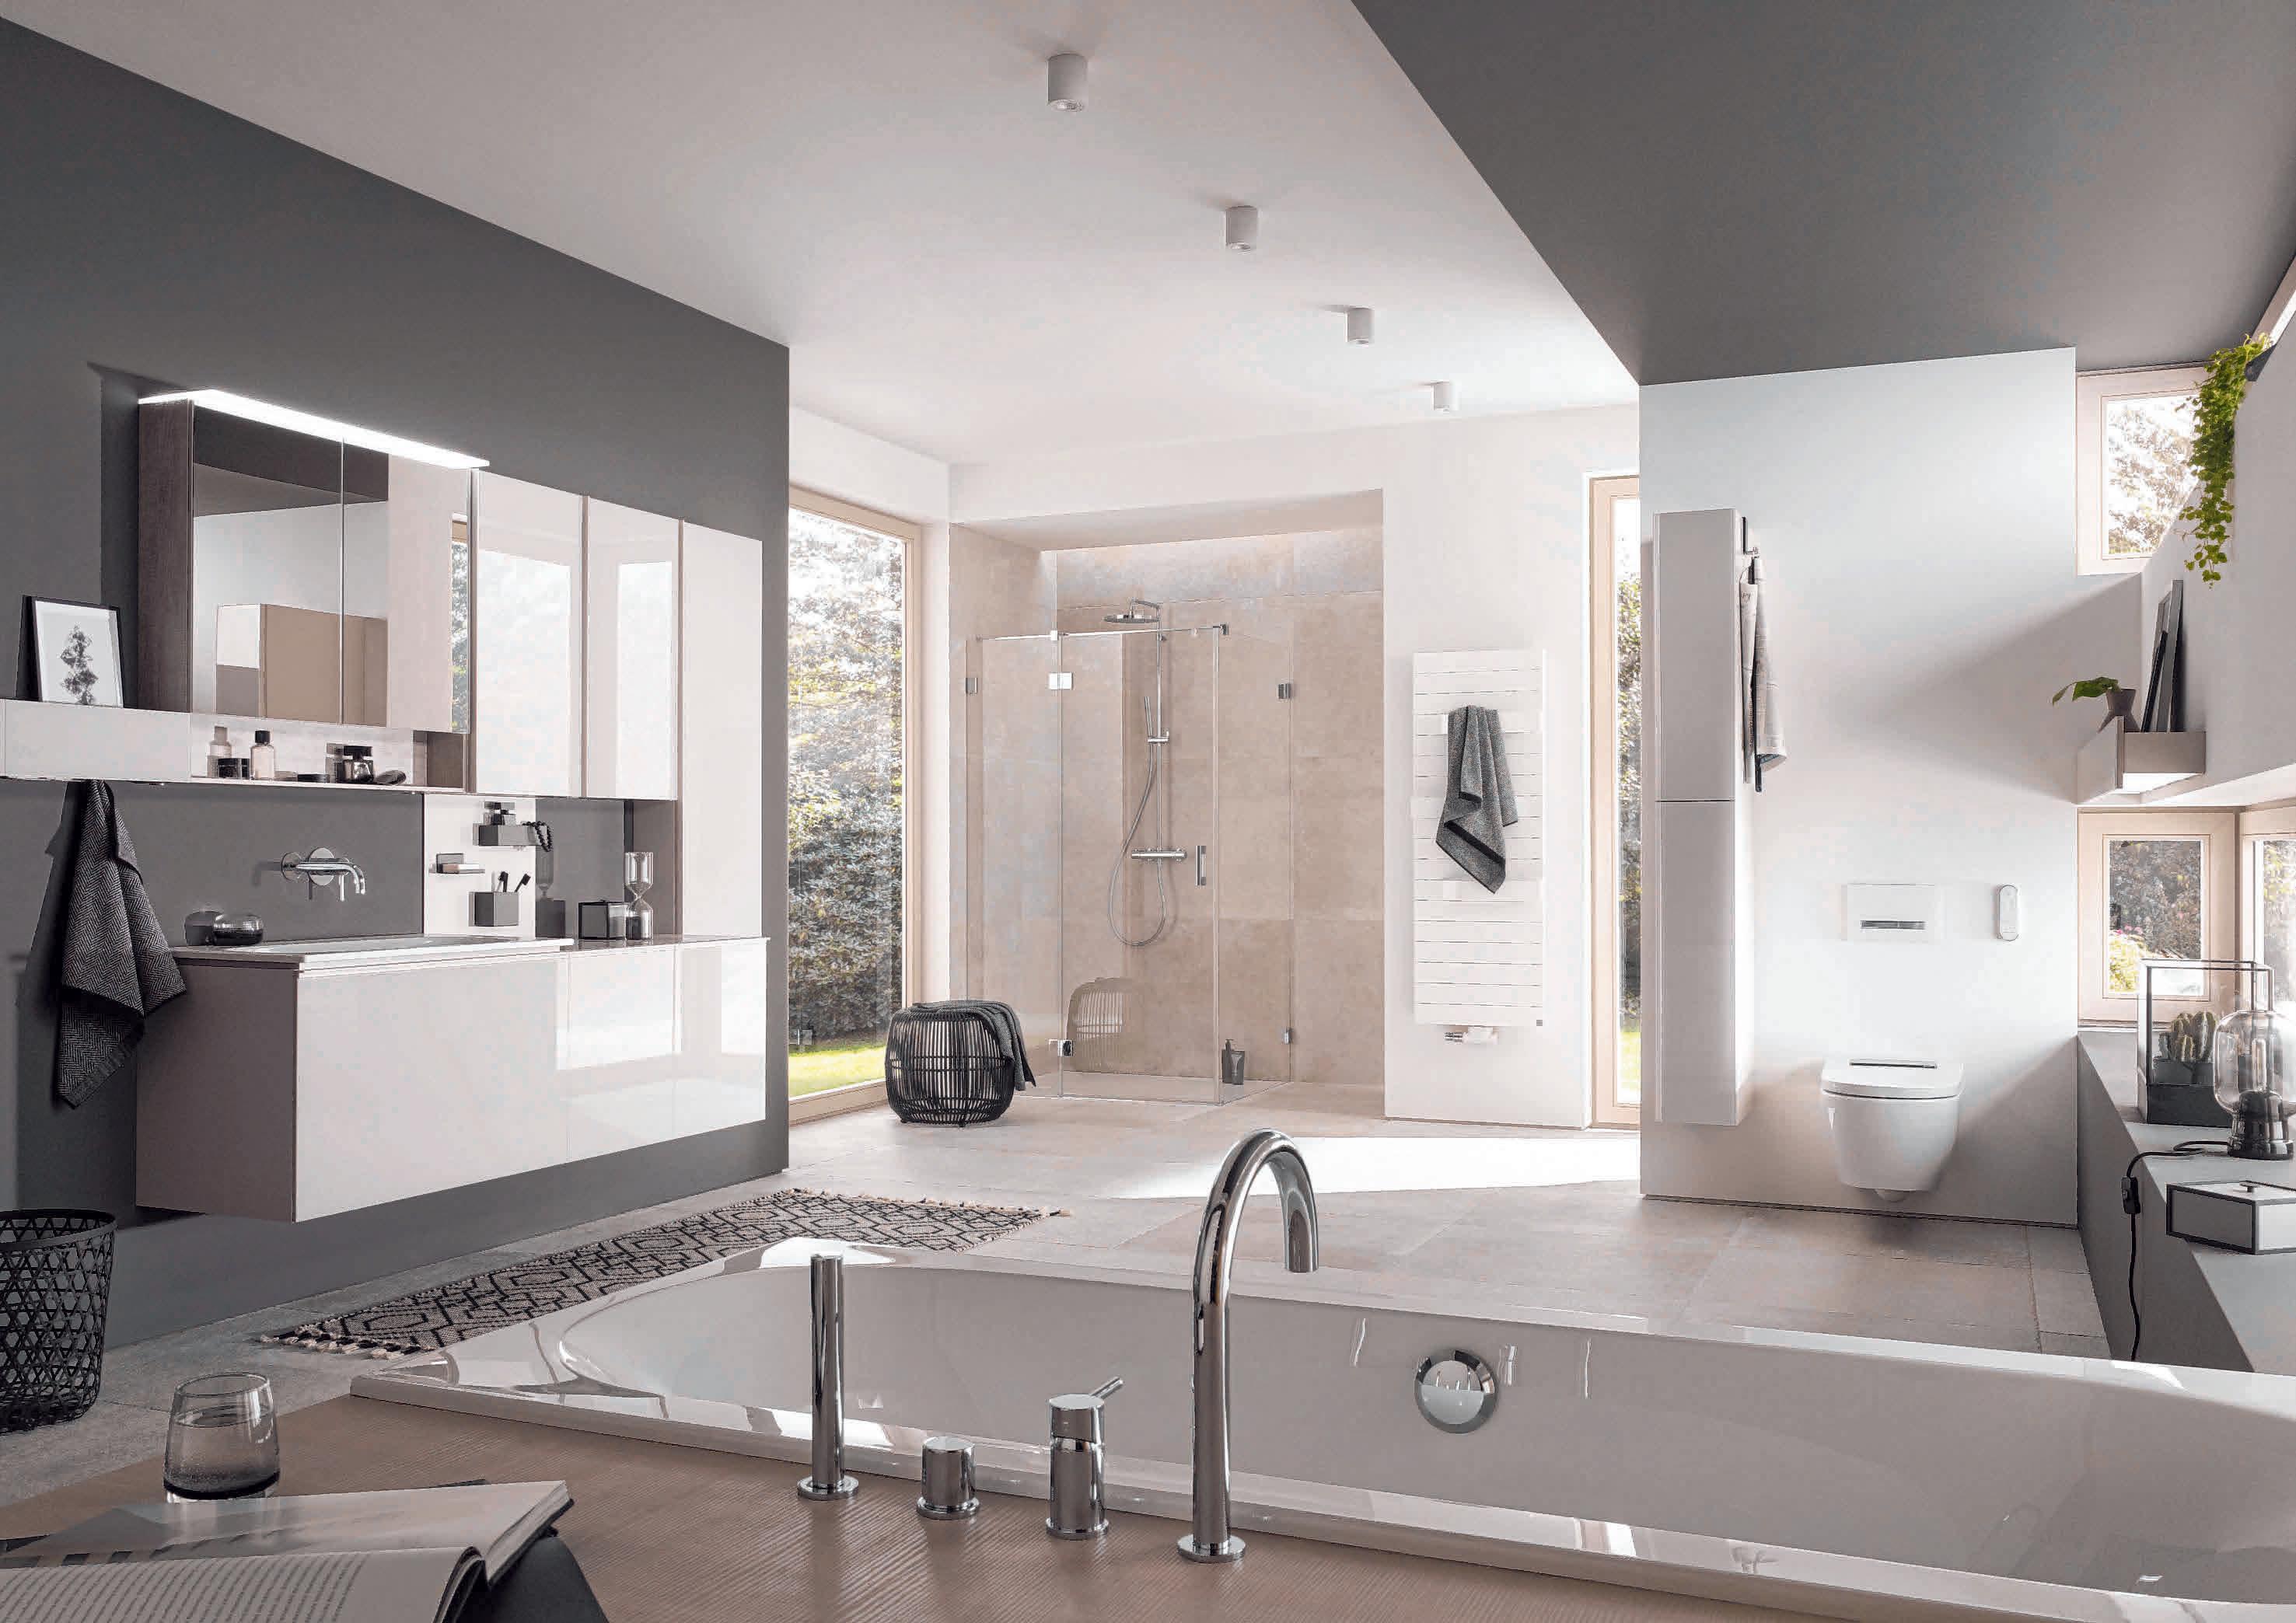 Die Reinigung mit einem sanften Wasserstrahl macht aus dem Bedürfnis Toilettengang ein echtes Wellness-Erlebnis.       FOTOS: DJD/GEBERIT